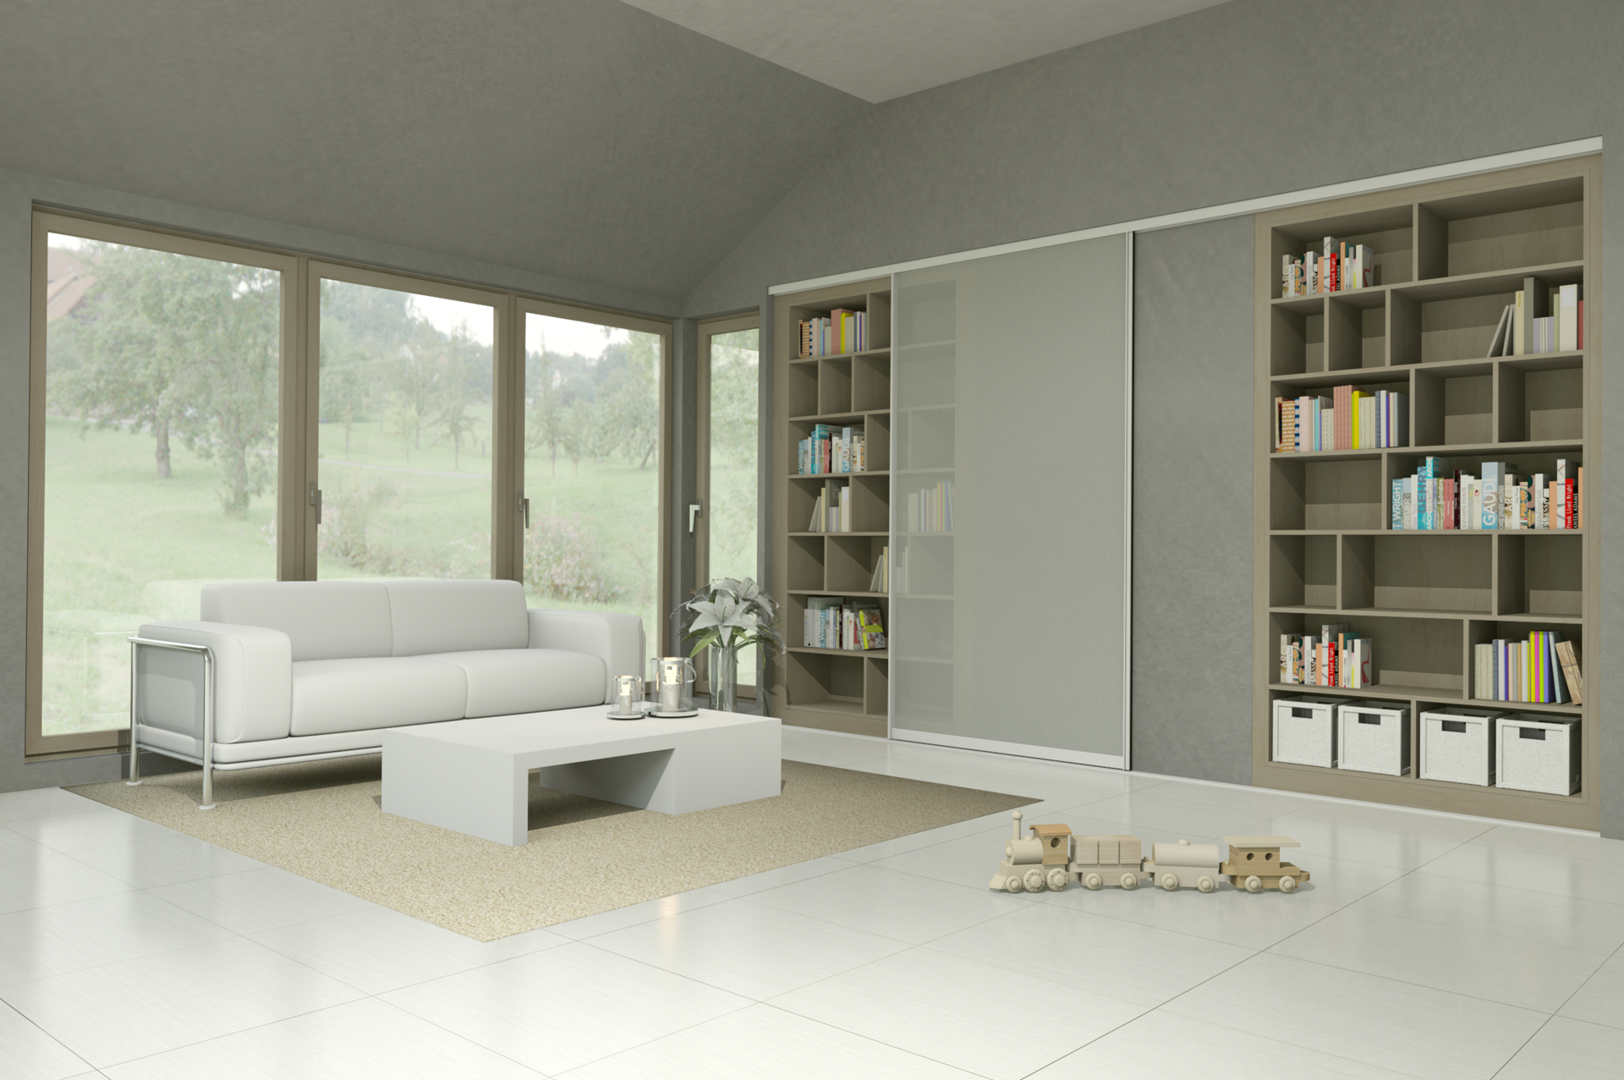 Wohnzimmer - Wohnwelten | Nordic Design Tischlerei GmbH - Greifswald